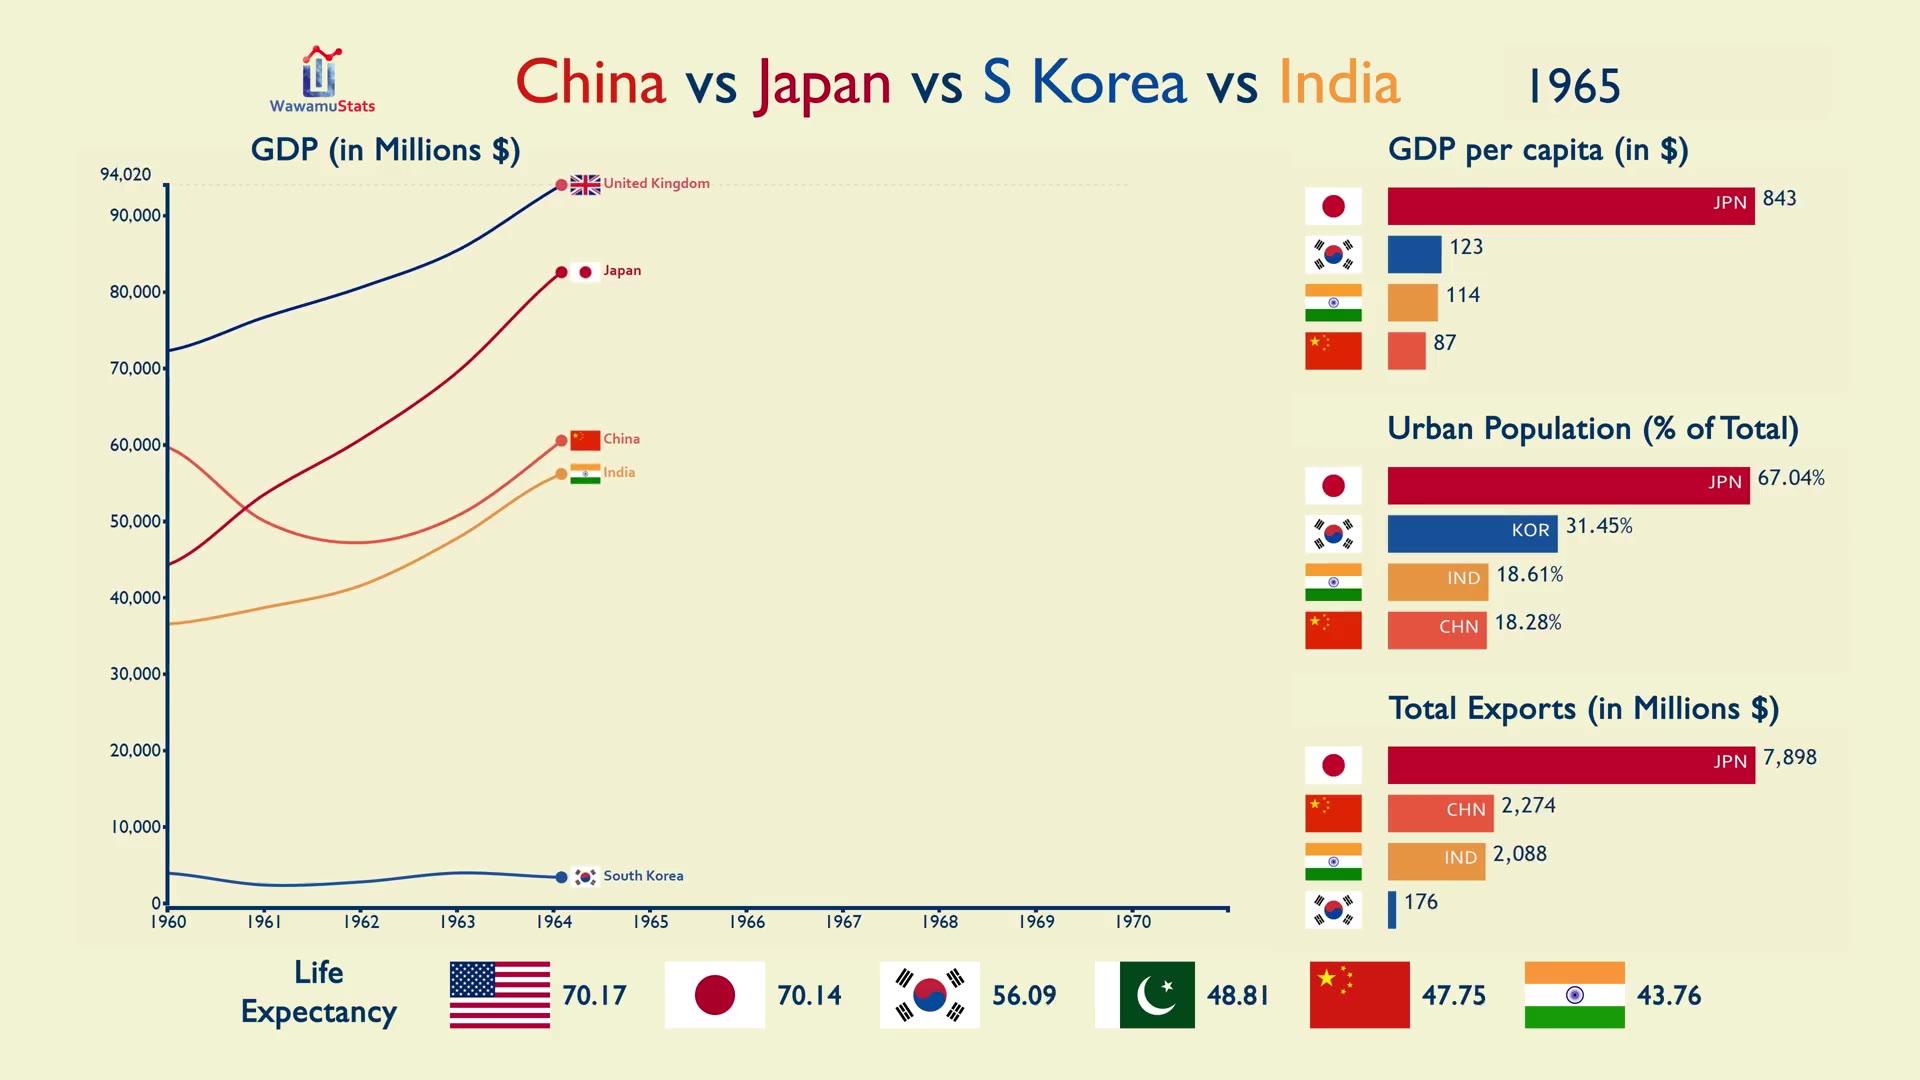 中日韩印1960-2017年间各项数据对比